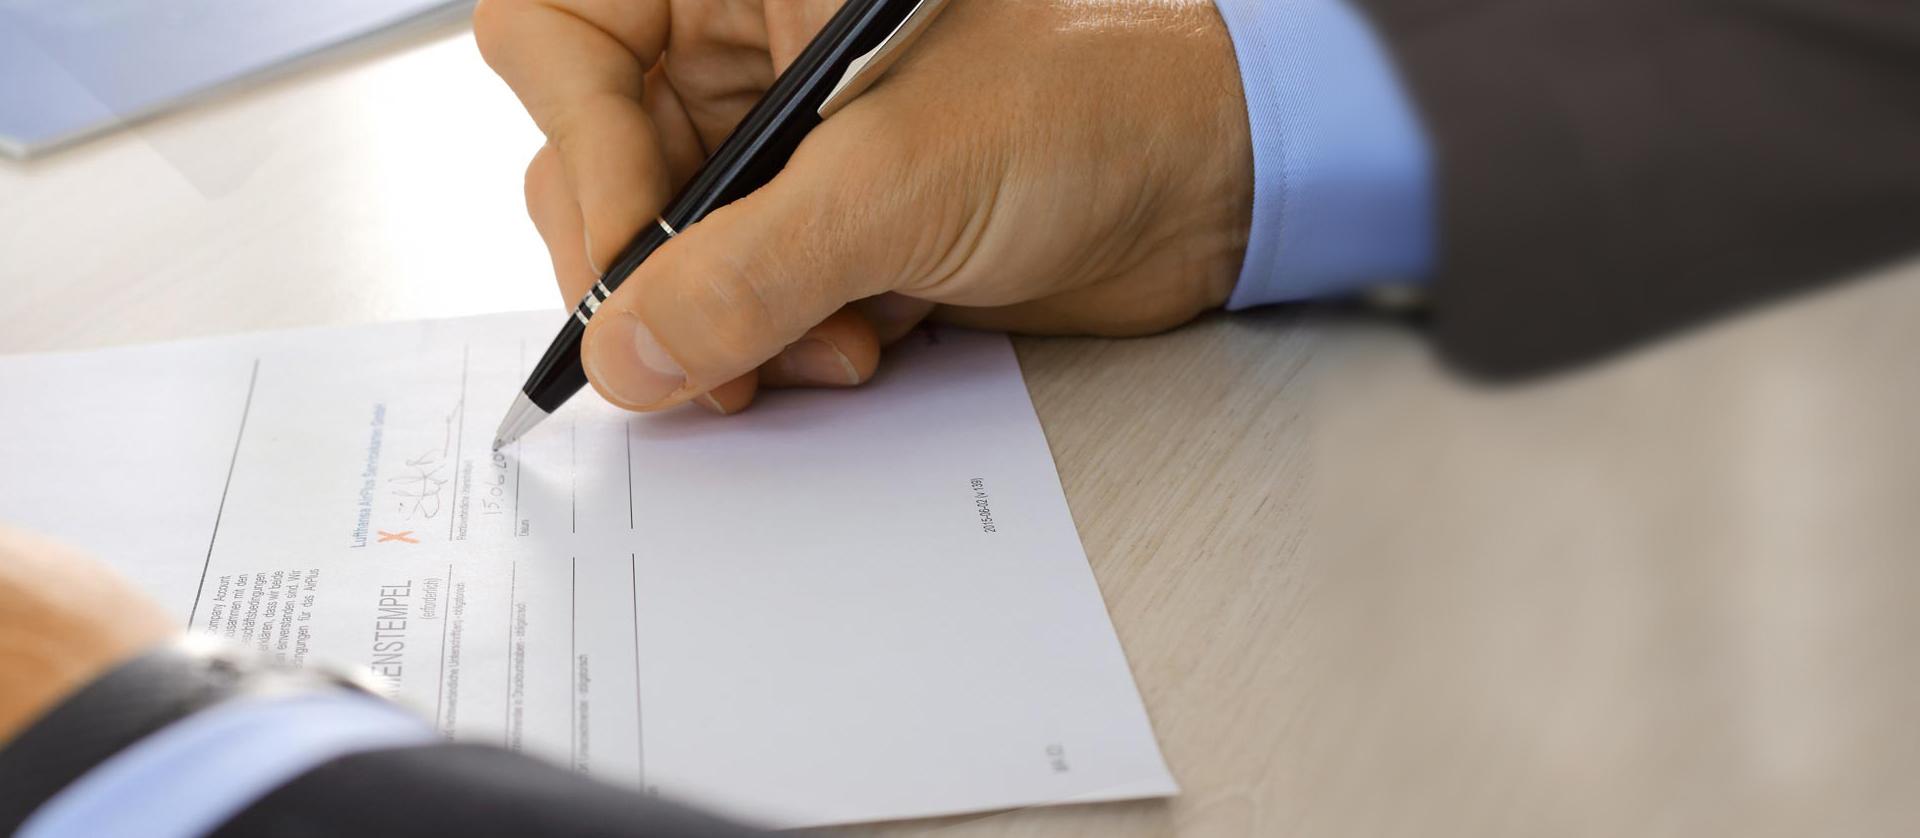 Eine Männerhand unterschreibt einen Vertrag